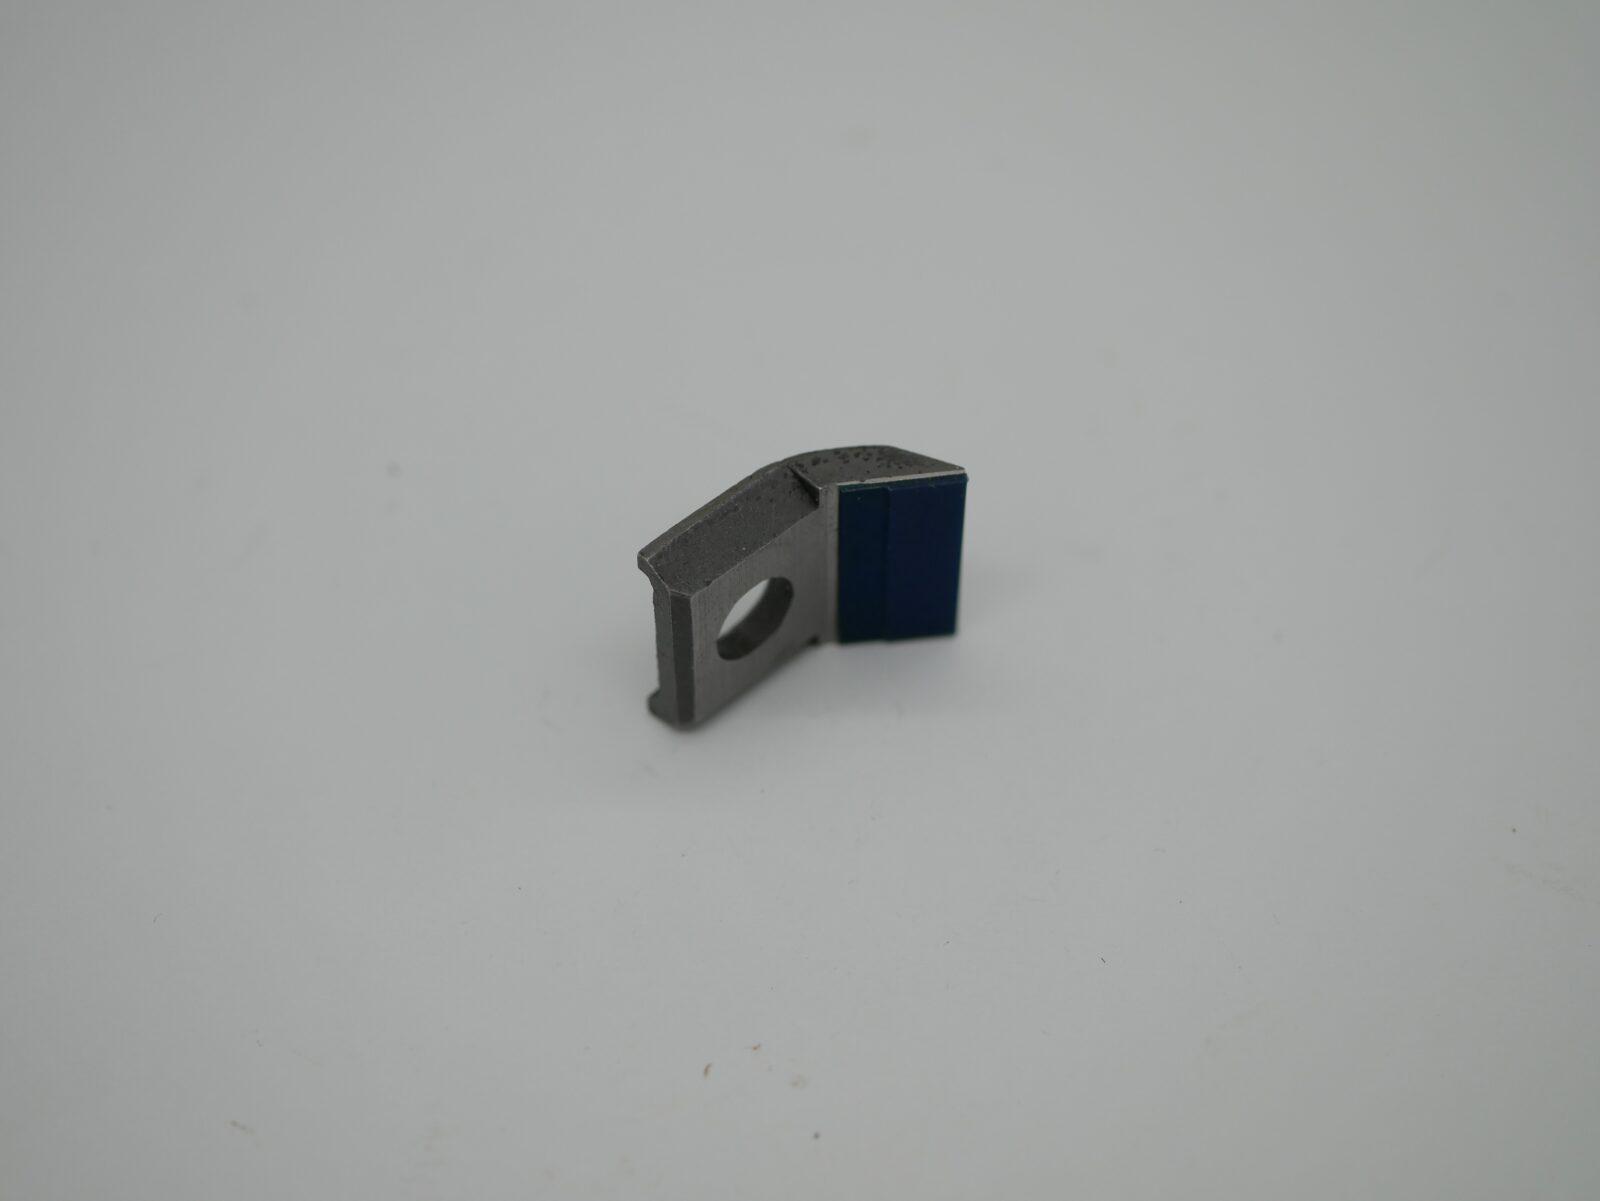 GTO Impression/Transfer Urethane Gripper HDM: 69.011.727